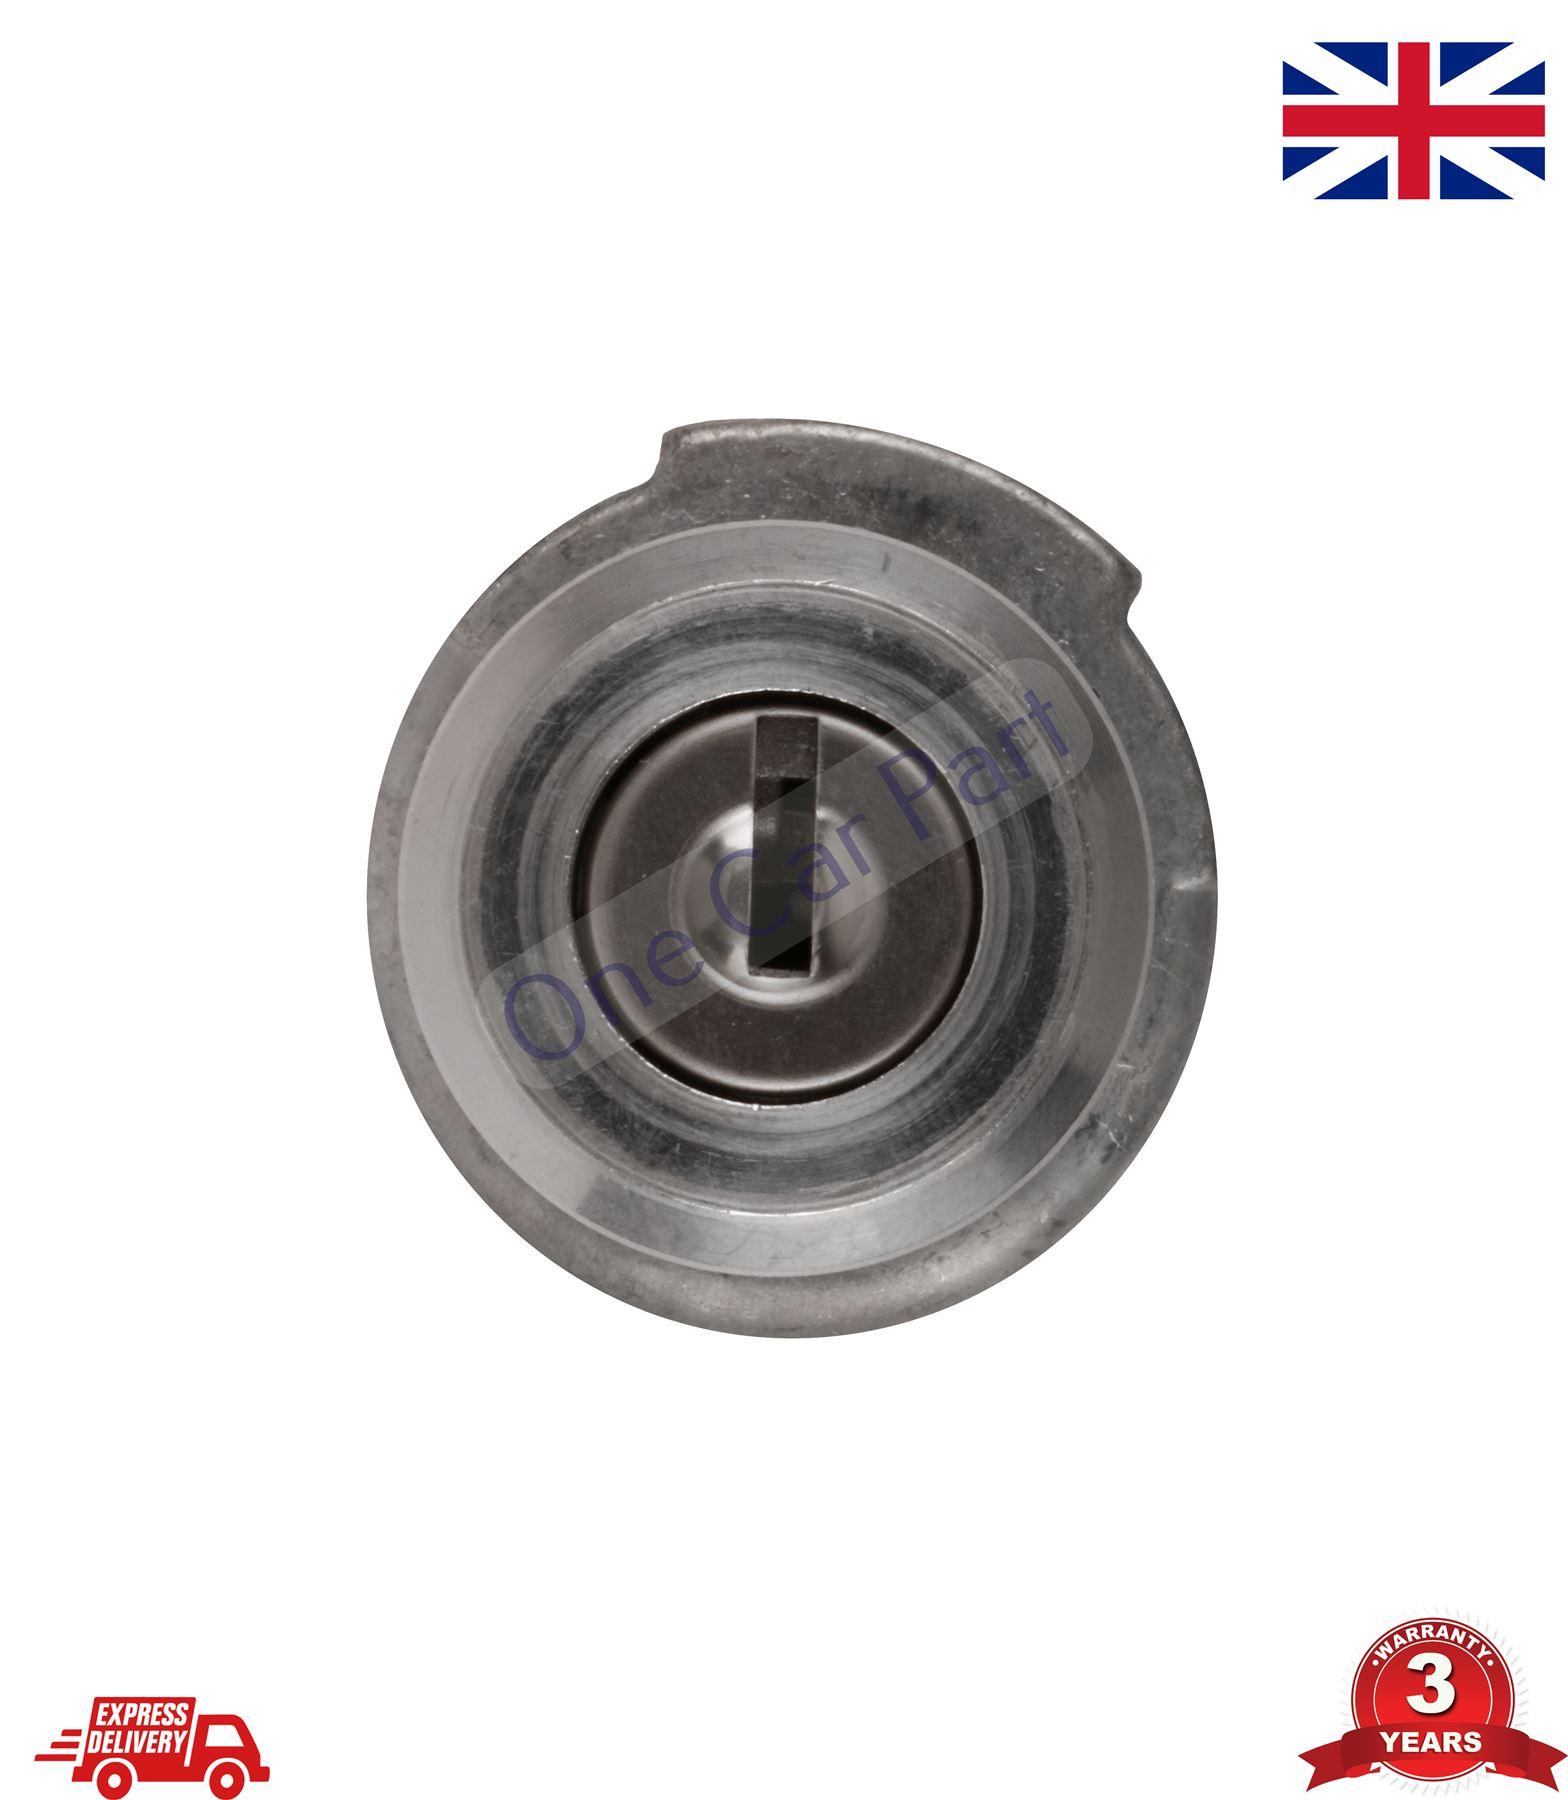 Interruptor de Bosch ignición zündschalter 0342311003 para Lamborghini Miura